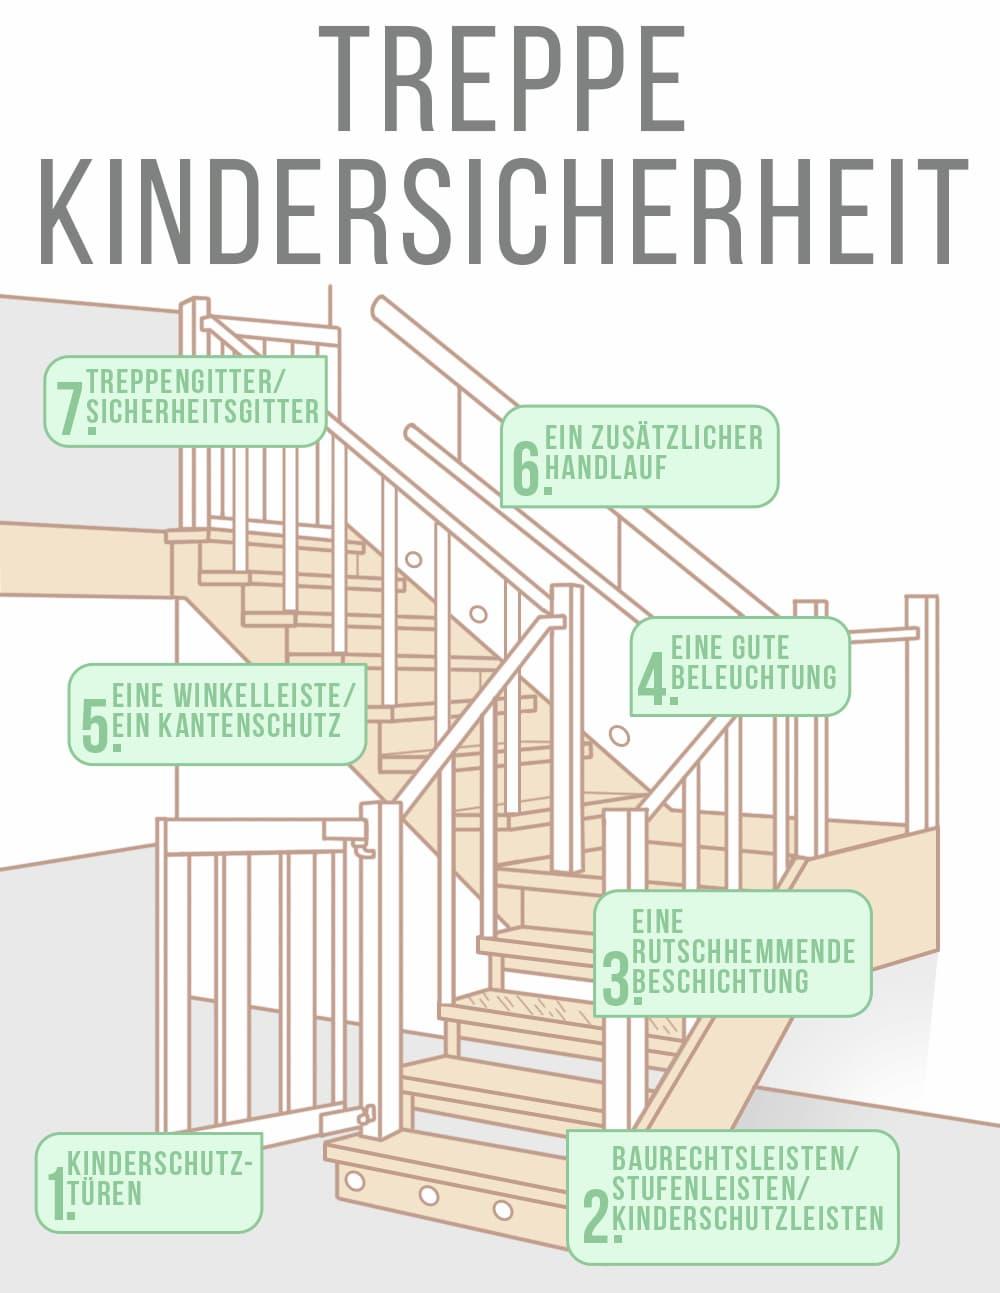 Treppen für Kinder sicher gestalten